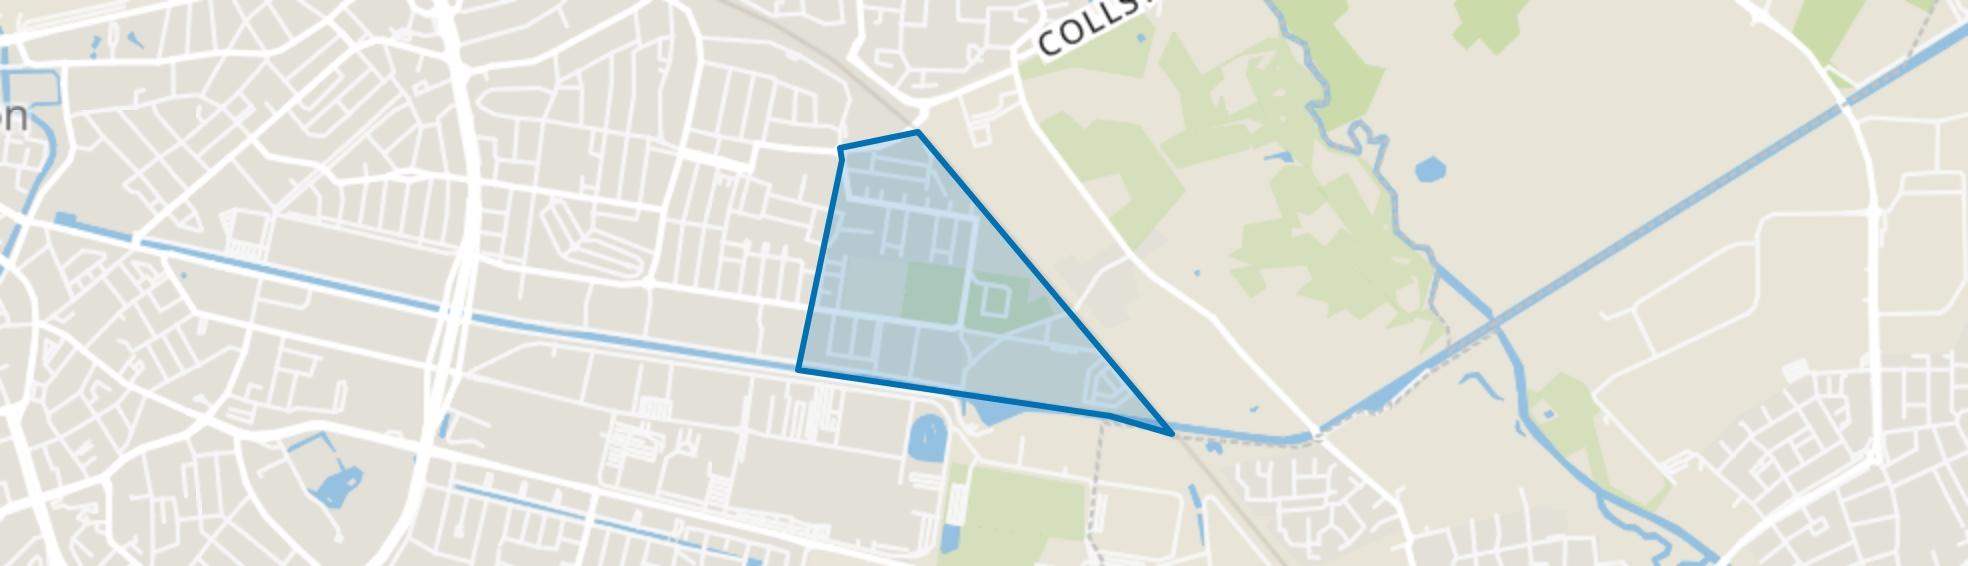 Tongelresche Akkers, Eindhoven map